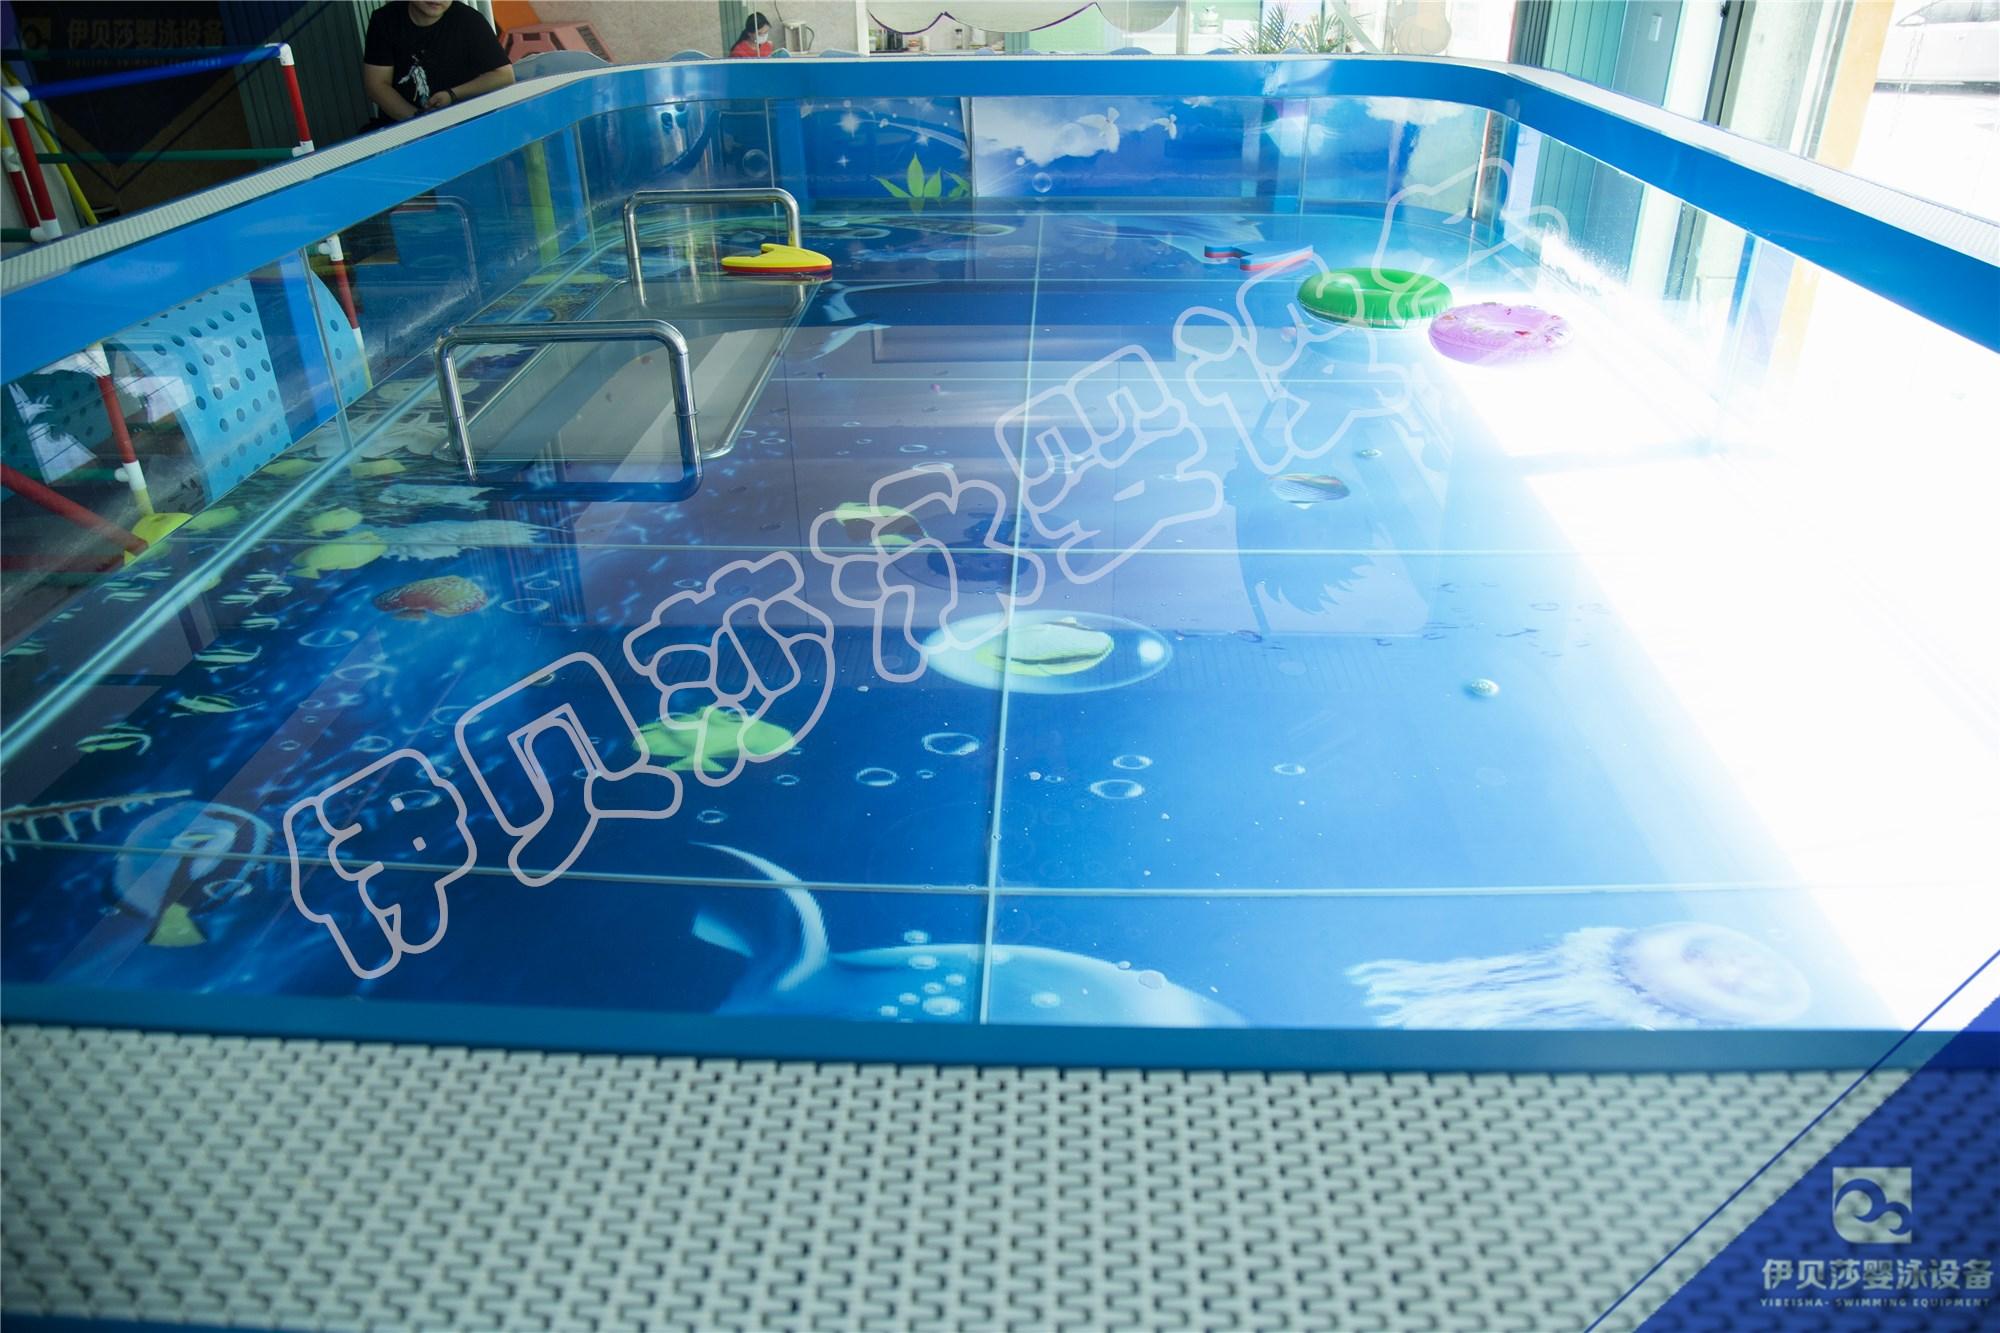 亲子游泳池,婴儿游泳池,儿童游泳池